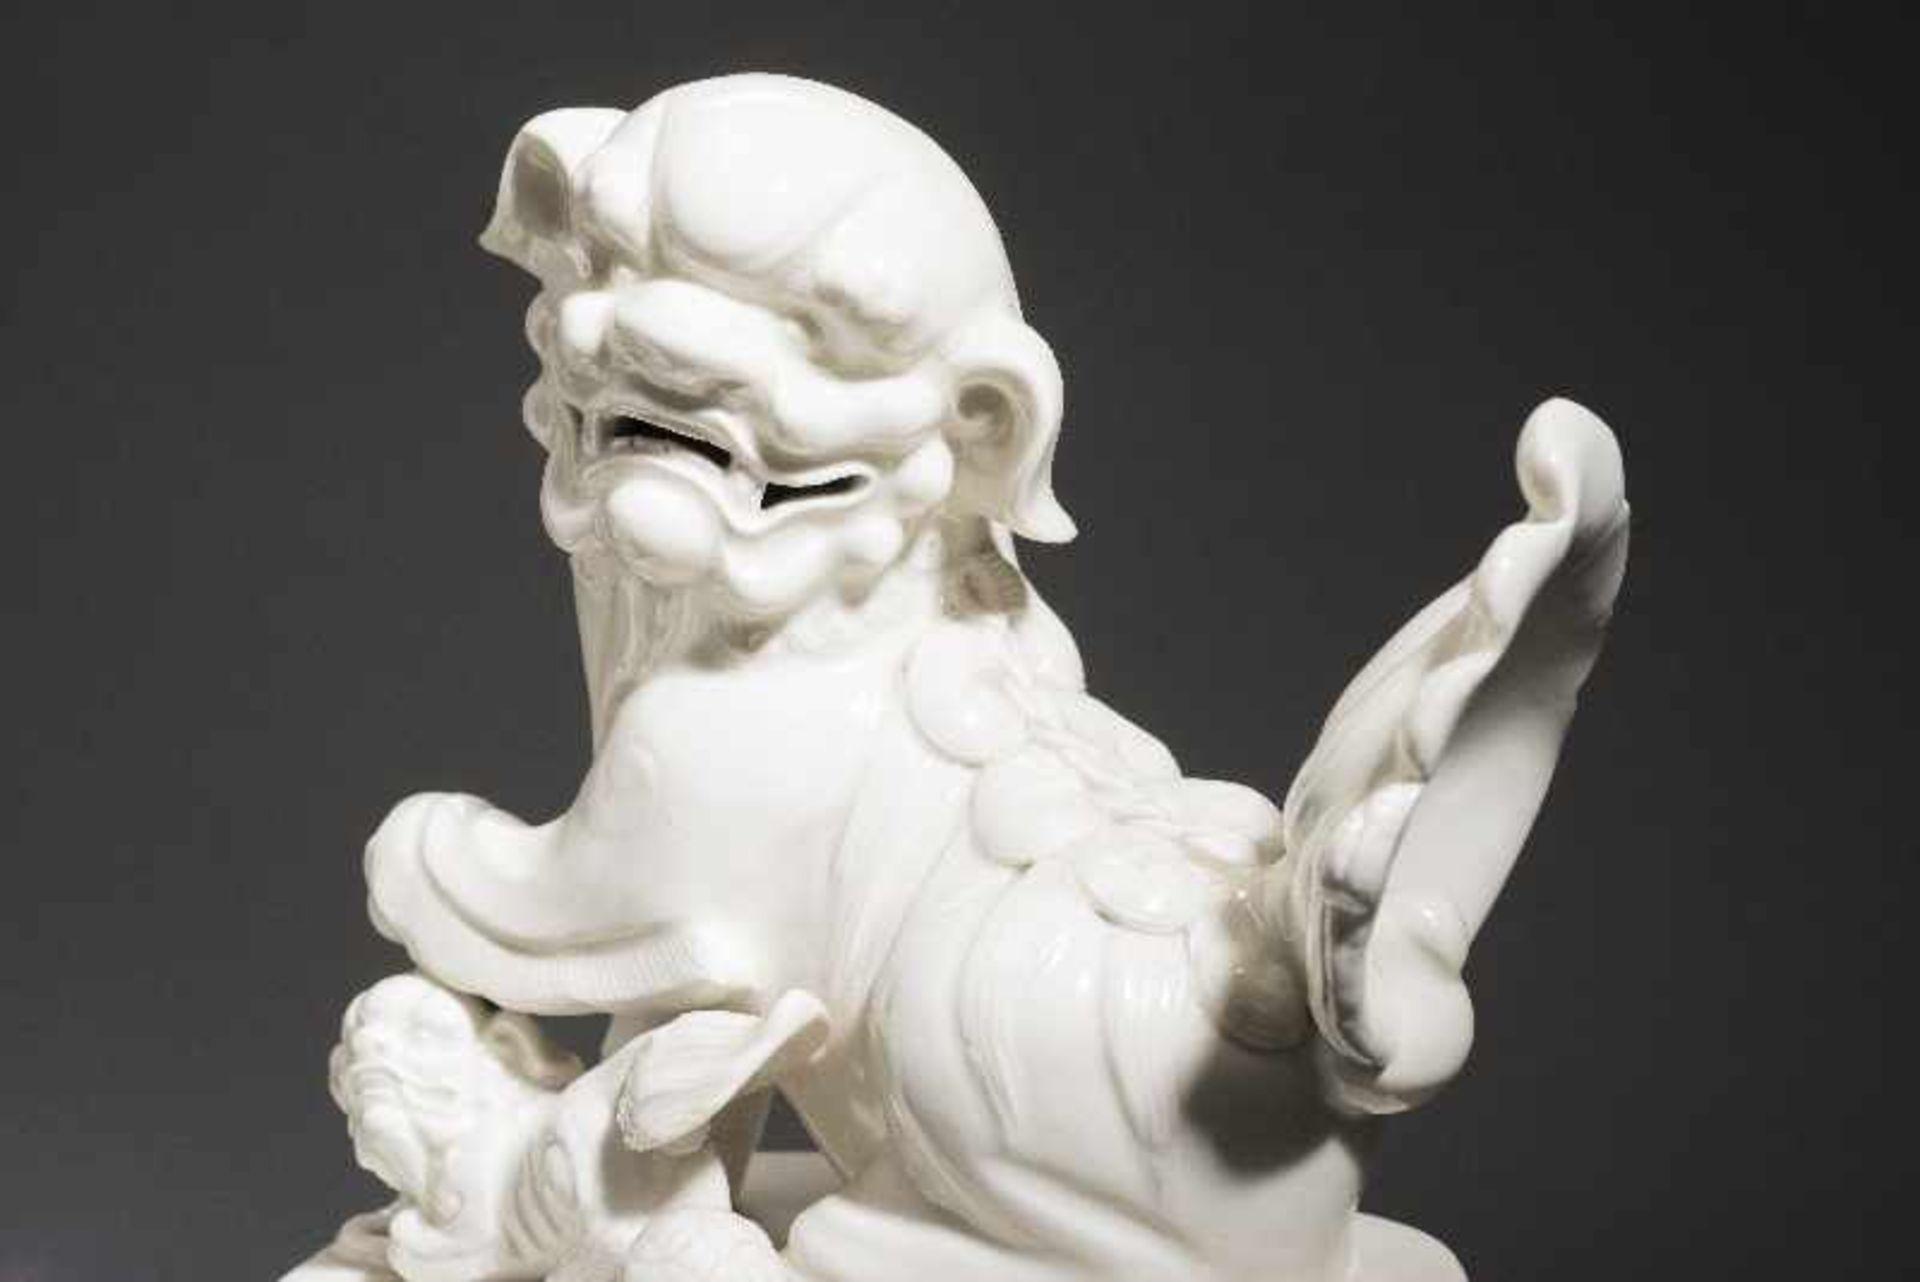 PAAR PALASTLÖWEN AUF SOCKELNBlanc de Chine-Porzellan aus Dehua und Holz. China, Qing 18. Jh. Zwei - Image 7 of 9